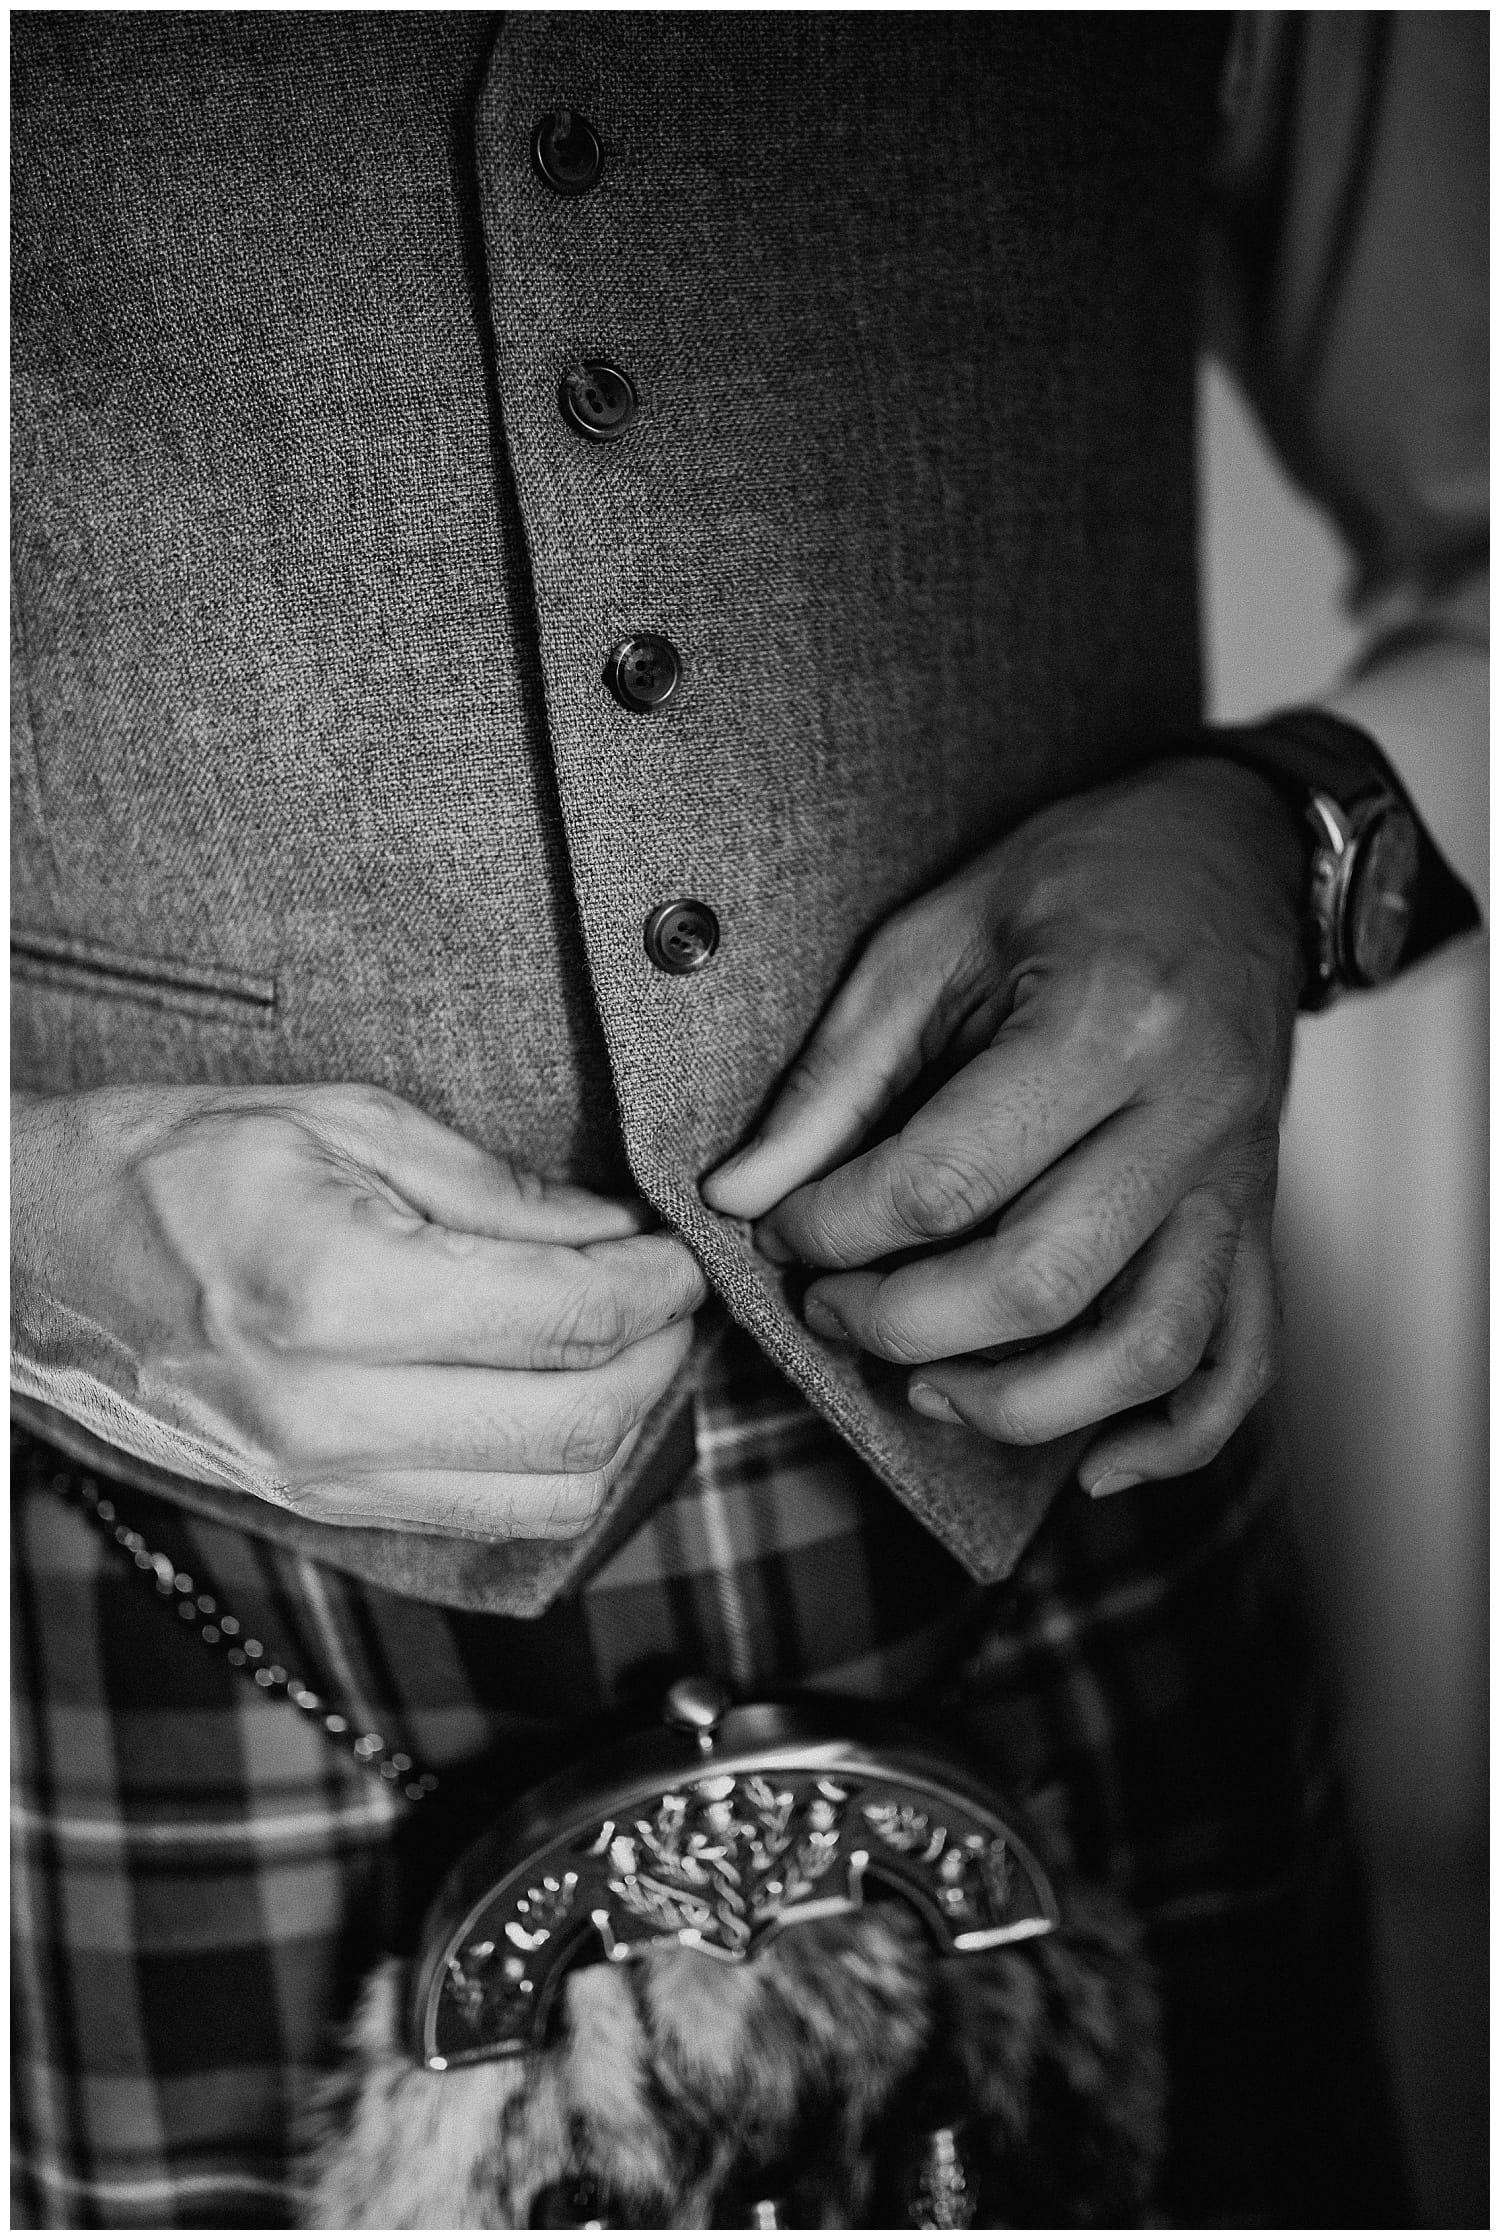 castle elopement,castle wedding,culzean castle,culzean castle elopement,culzean castle wedding,destination wedding photographer,fort lauderdale wedding photographer,jensen beach wedding photographer,miami wedding photographer,orlando wedding photographer,overseas elopement,palm beach wedding photographer,scotland elopement,scotland elopement photographer,scotland wedding,scotland wedding photographer,stuart wedding photographer,traveling wedding photographer,